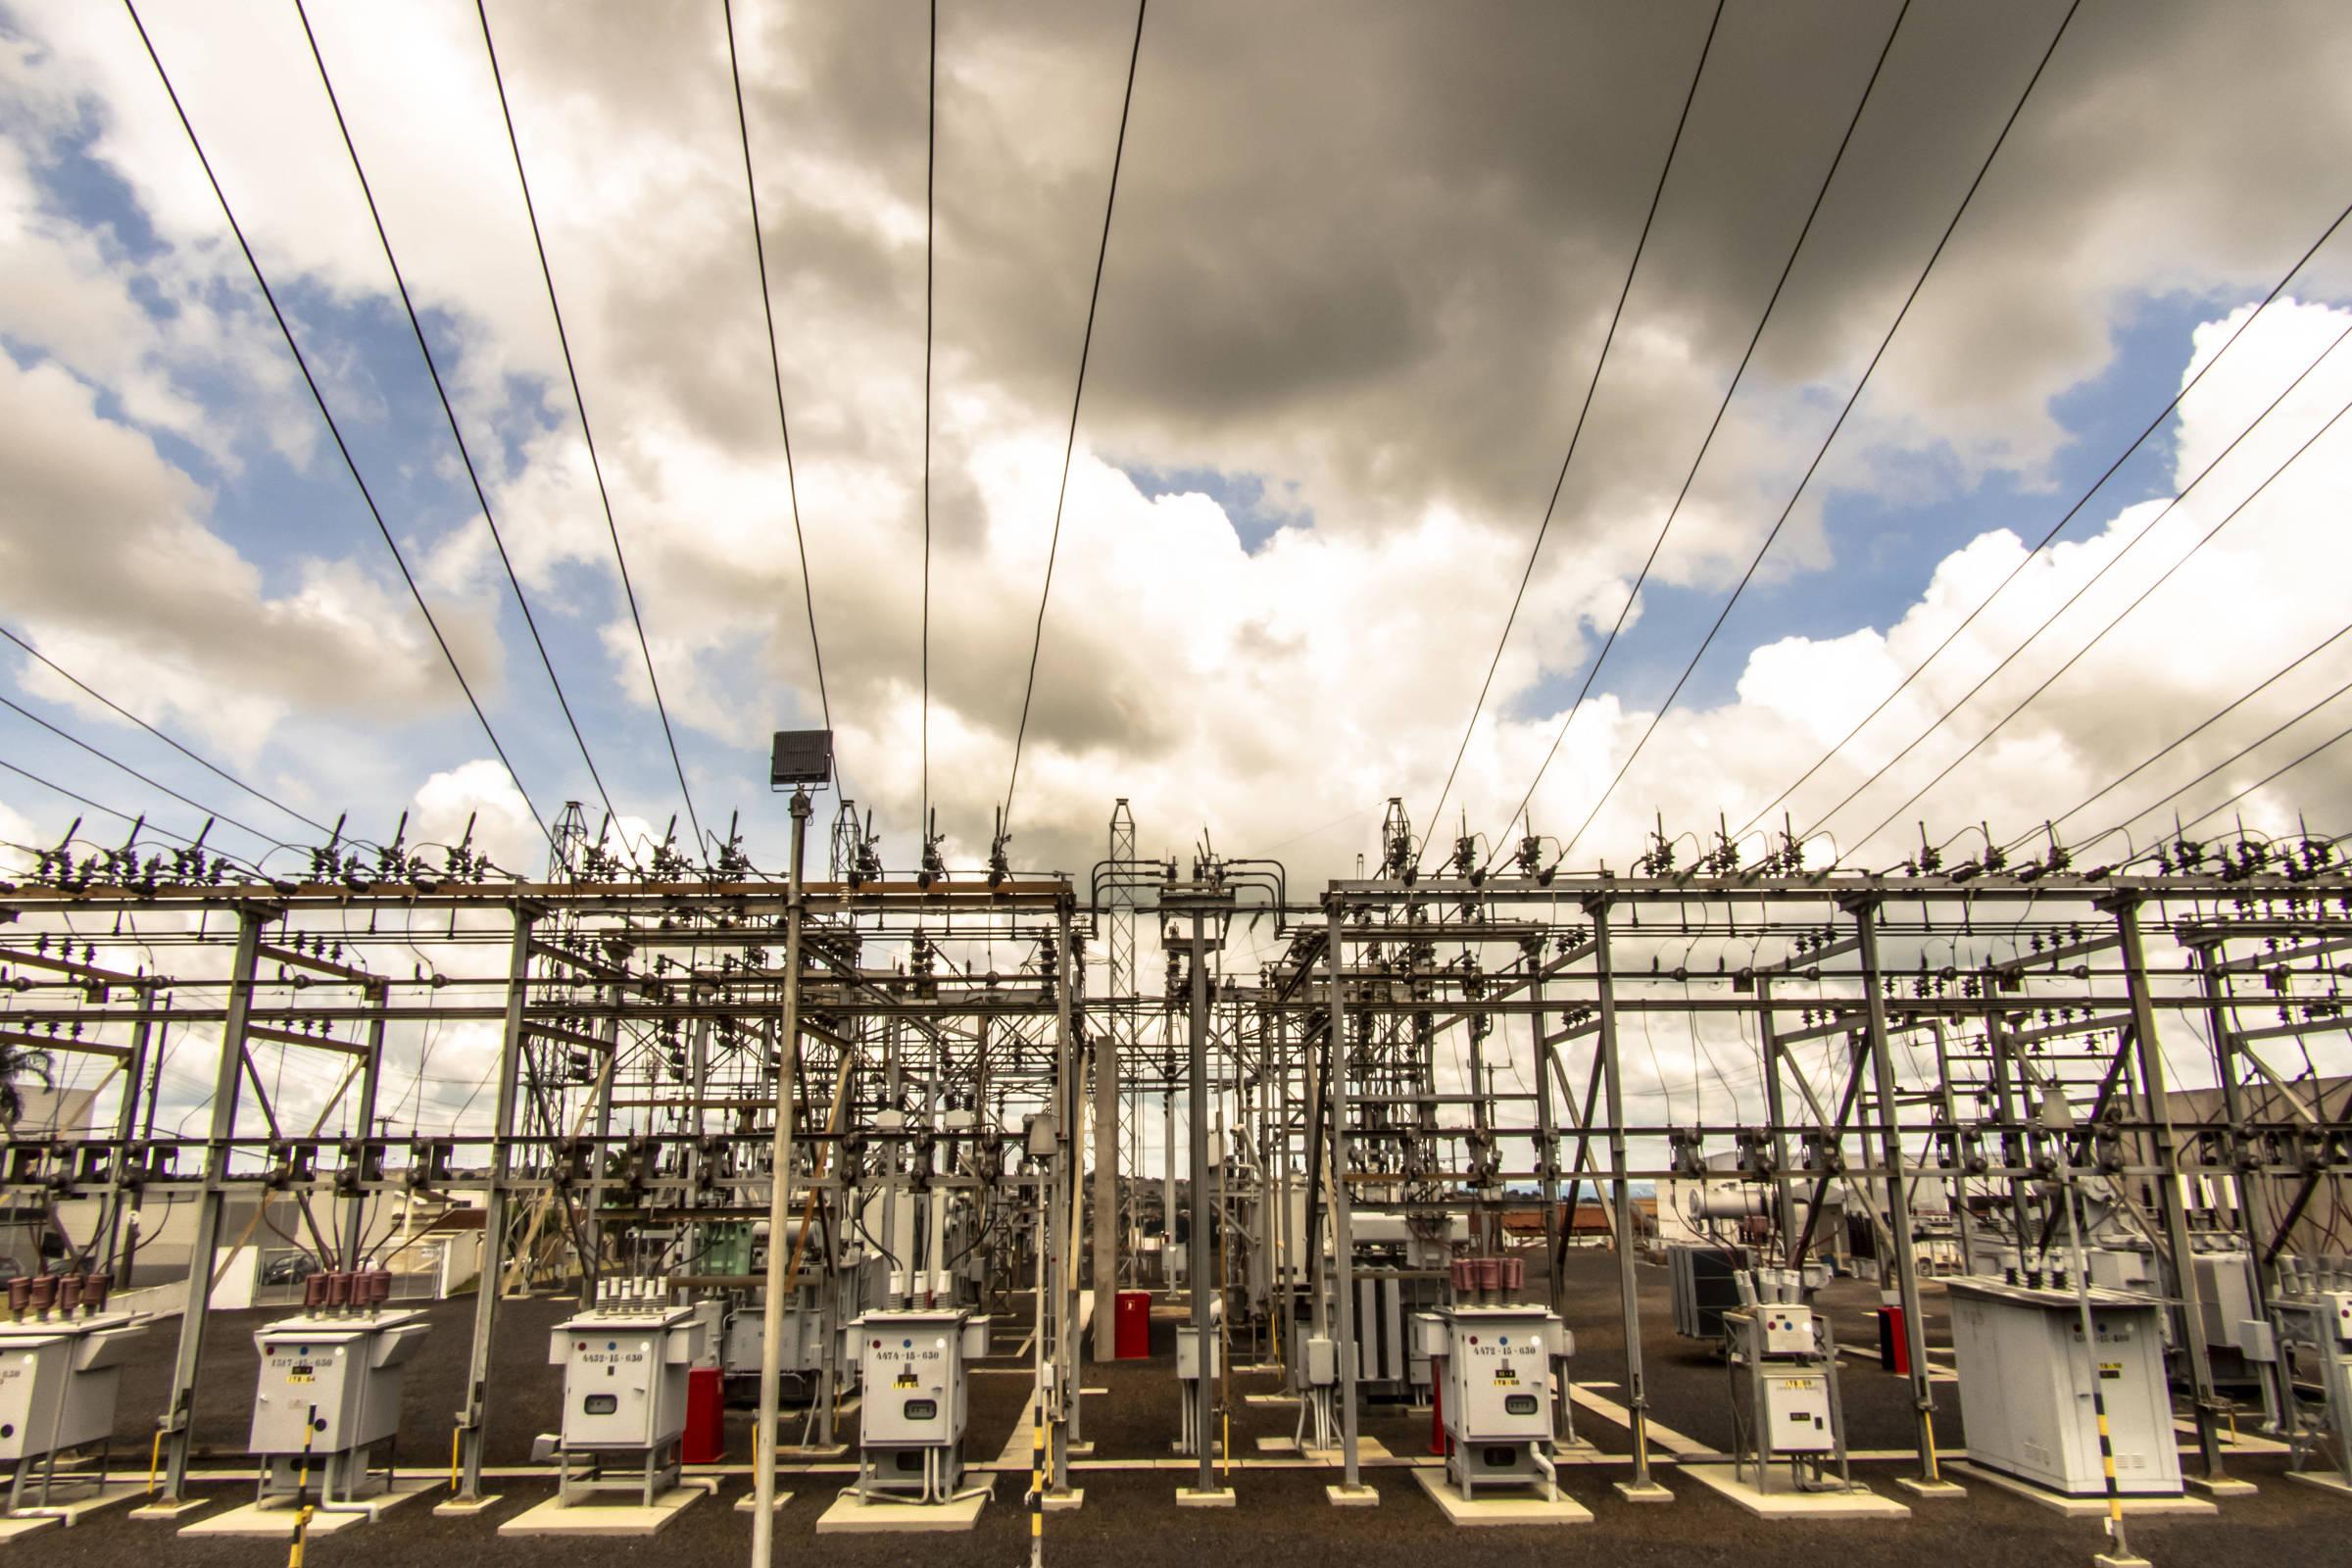 Subestação Itambé (SP) de distribuição de energia elétrica da CPFL Paulista (Companhia Paulista de Força e Luz), no município de Marília, região cento-oeste do estado